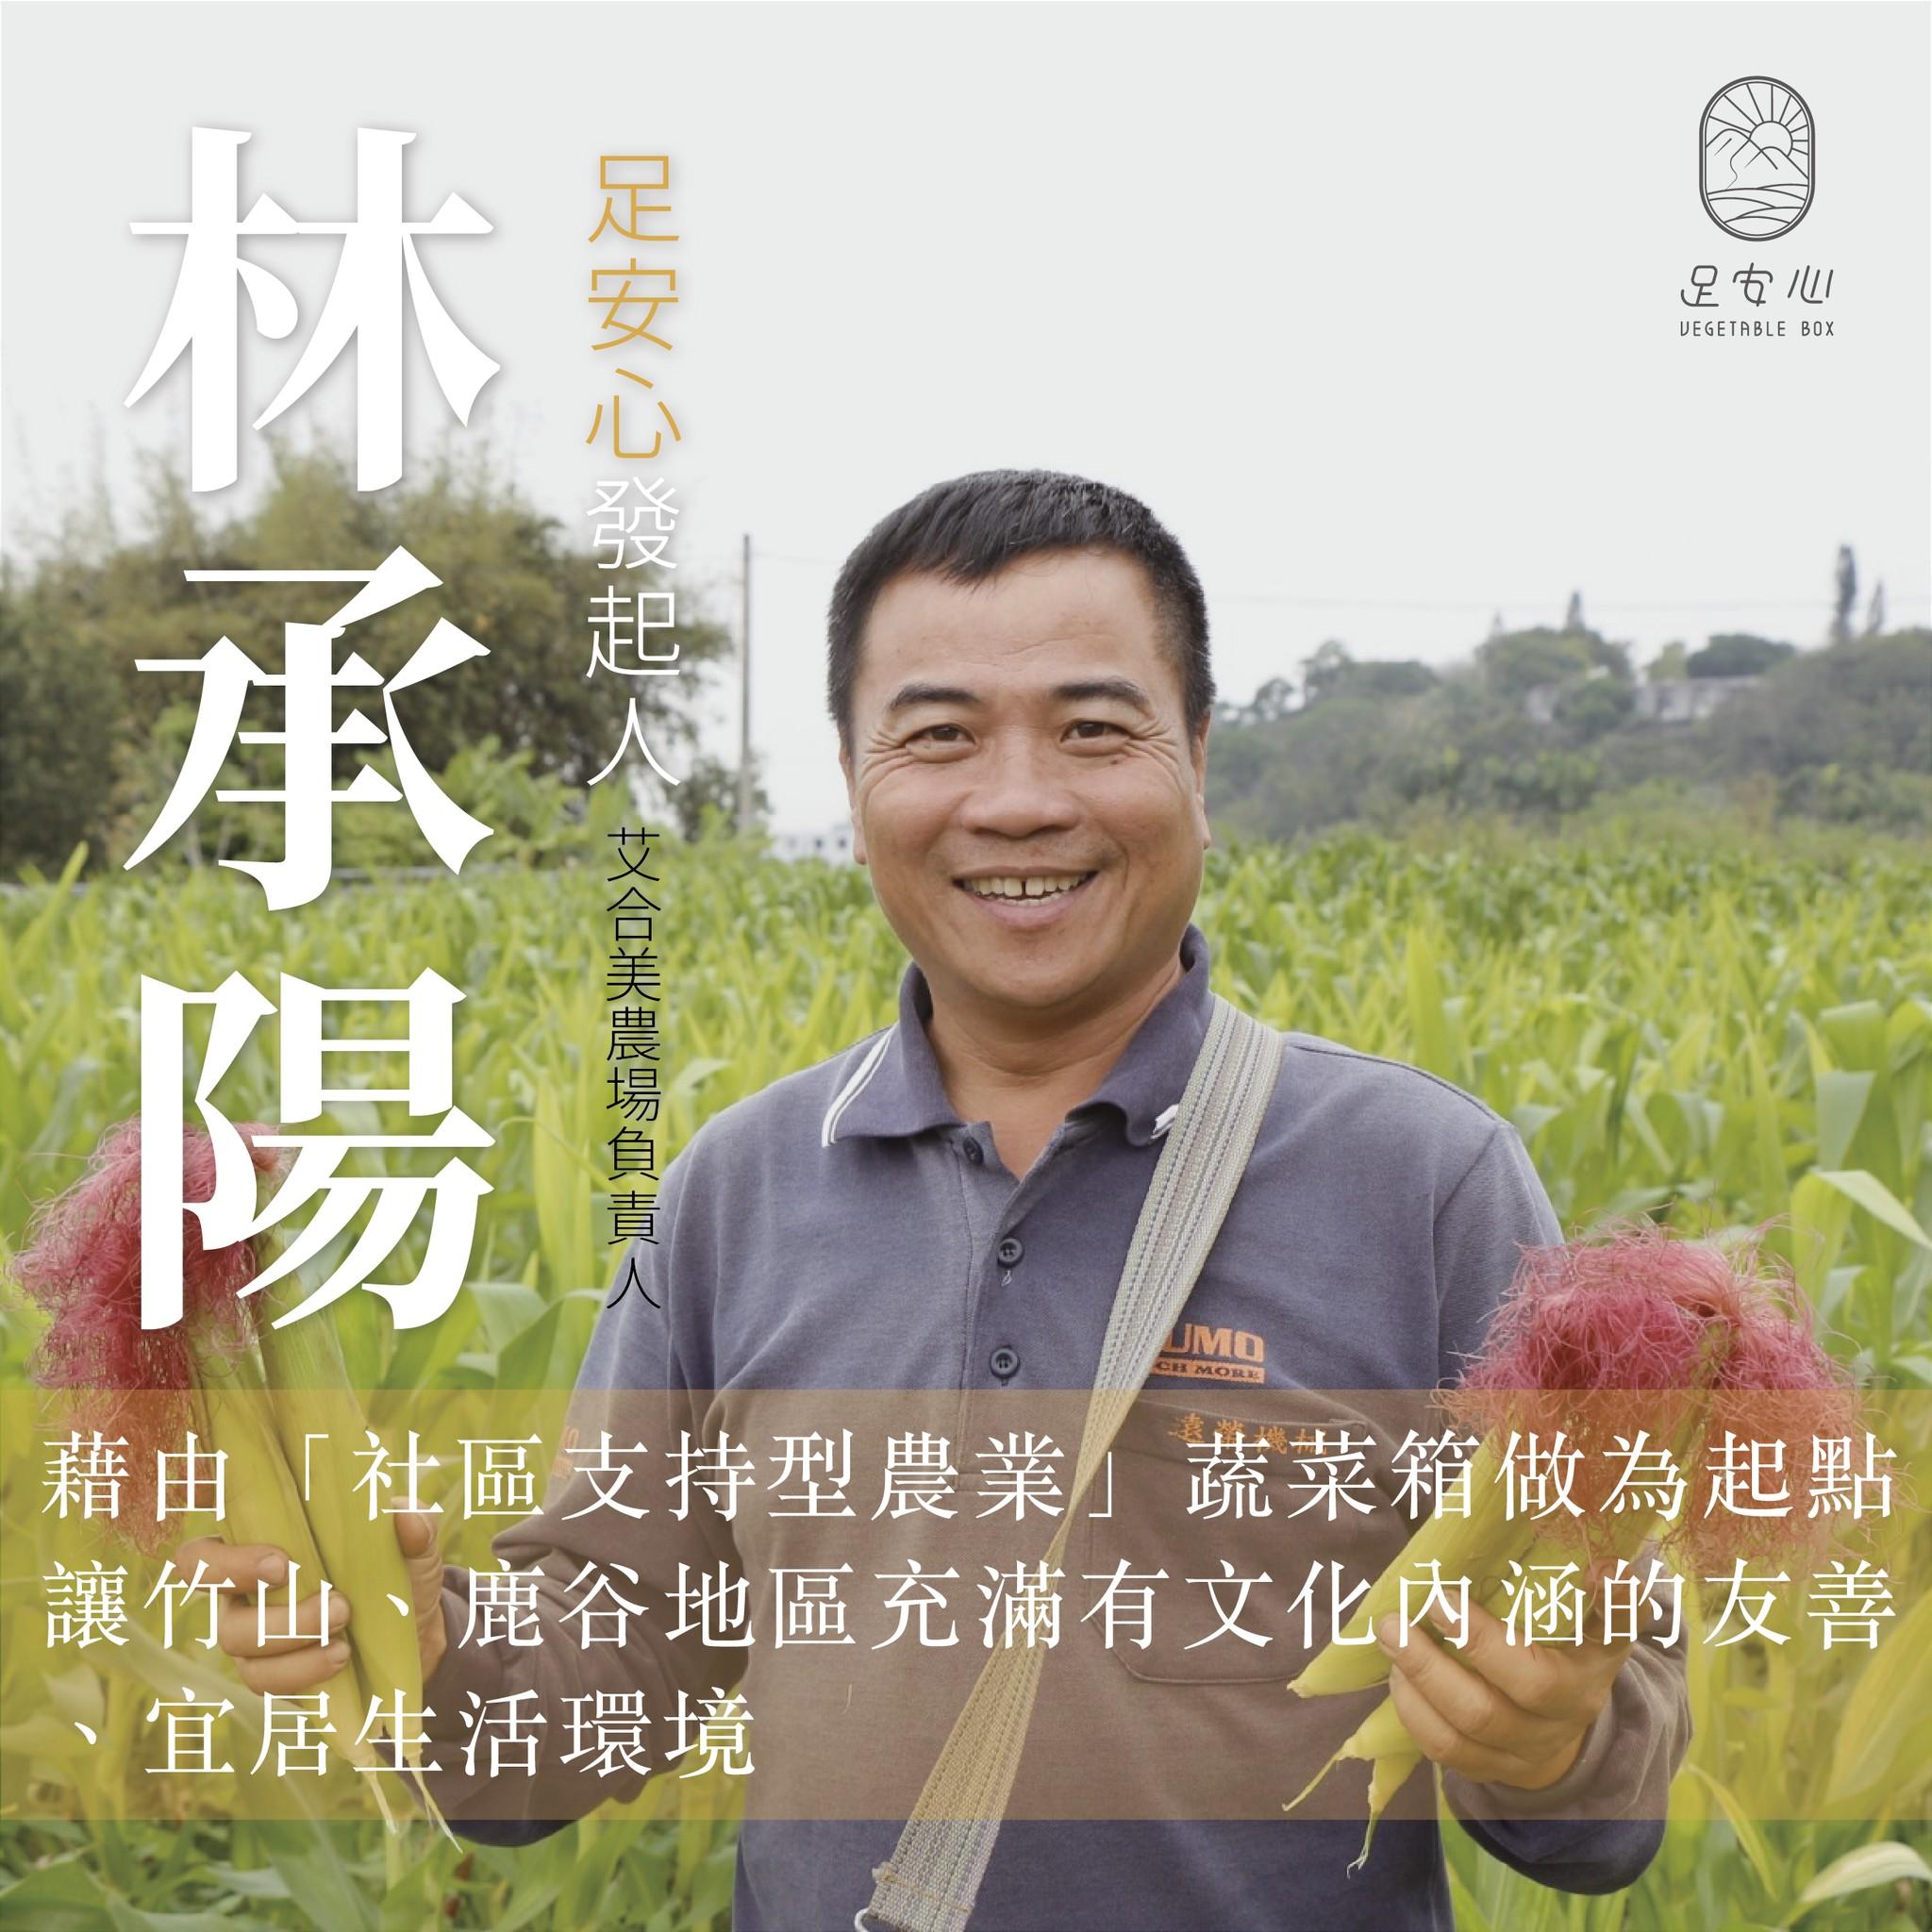 友善自然環境耕種